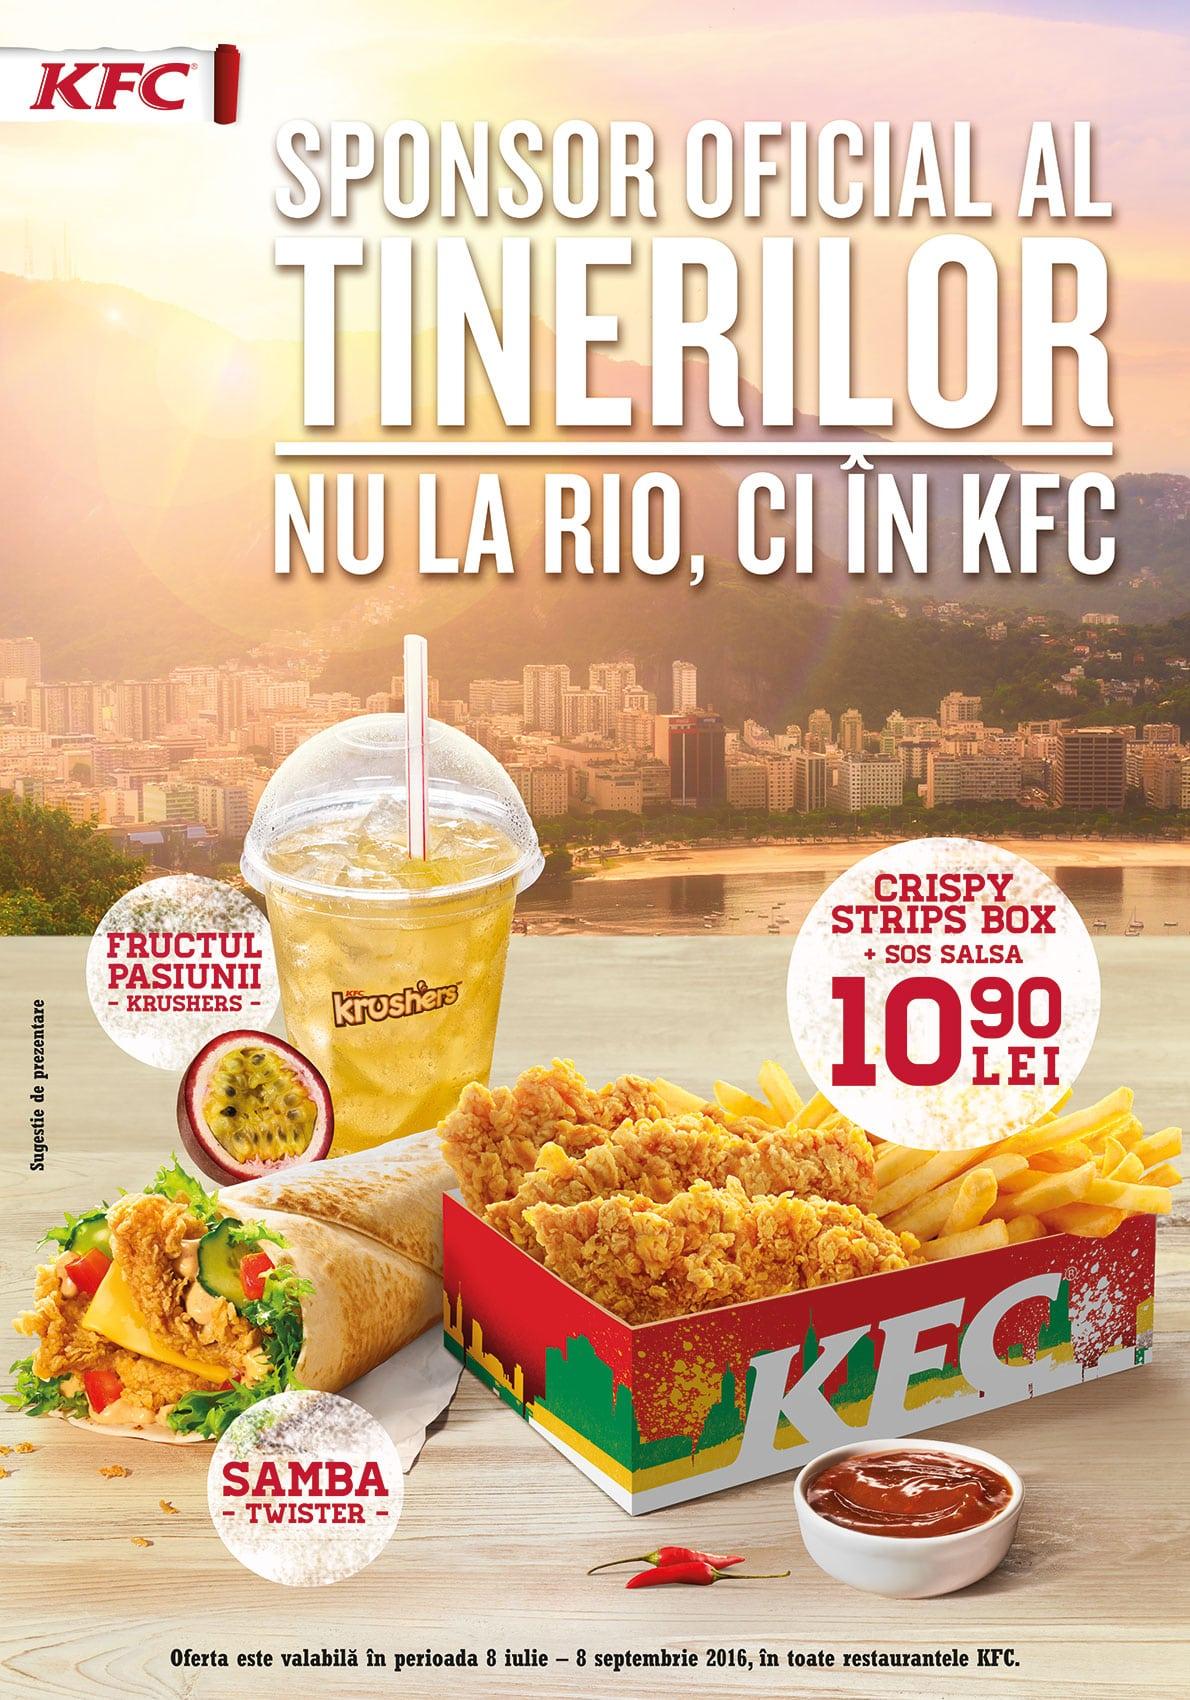 KFC _Sponsor oficial al tinerilor